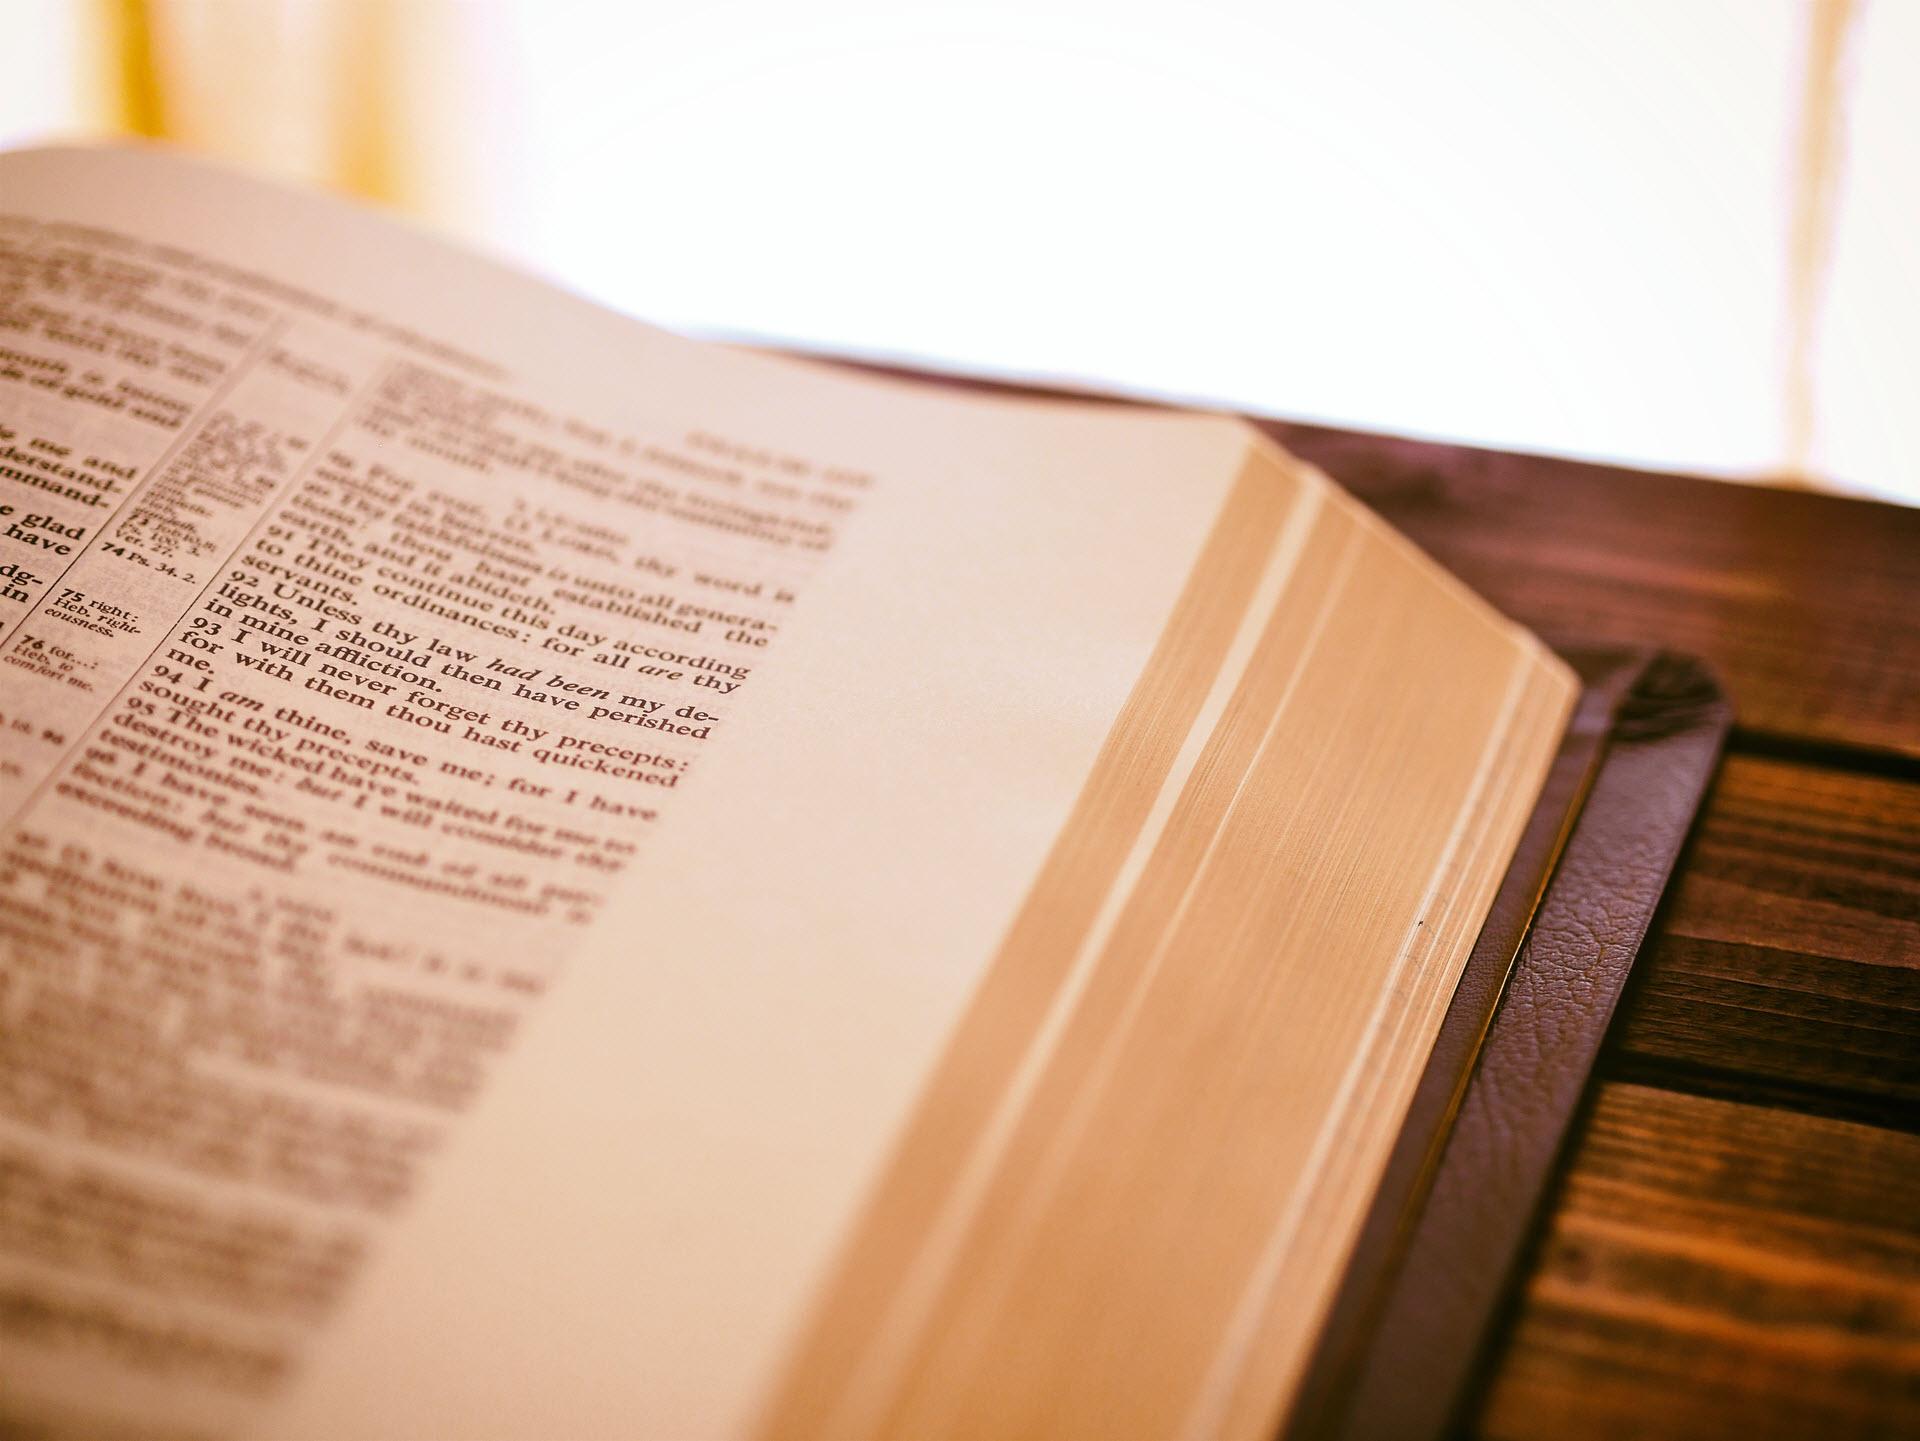 47. Học Thuật Là Một Công Cụ Để Đạt Mục Đích, Không Phải Mục Đích